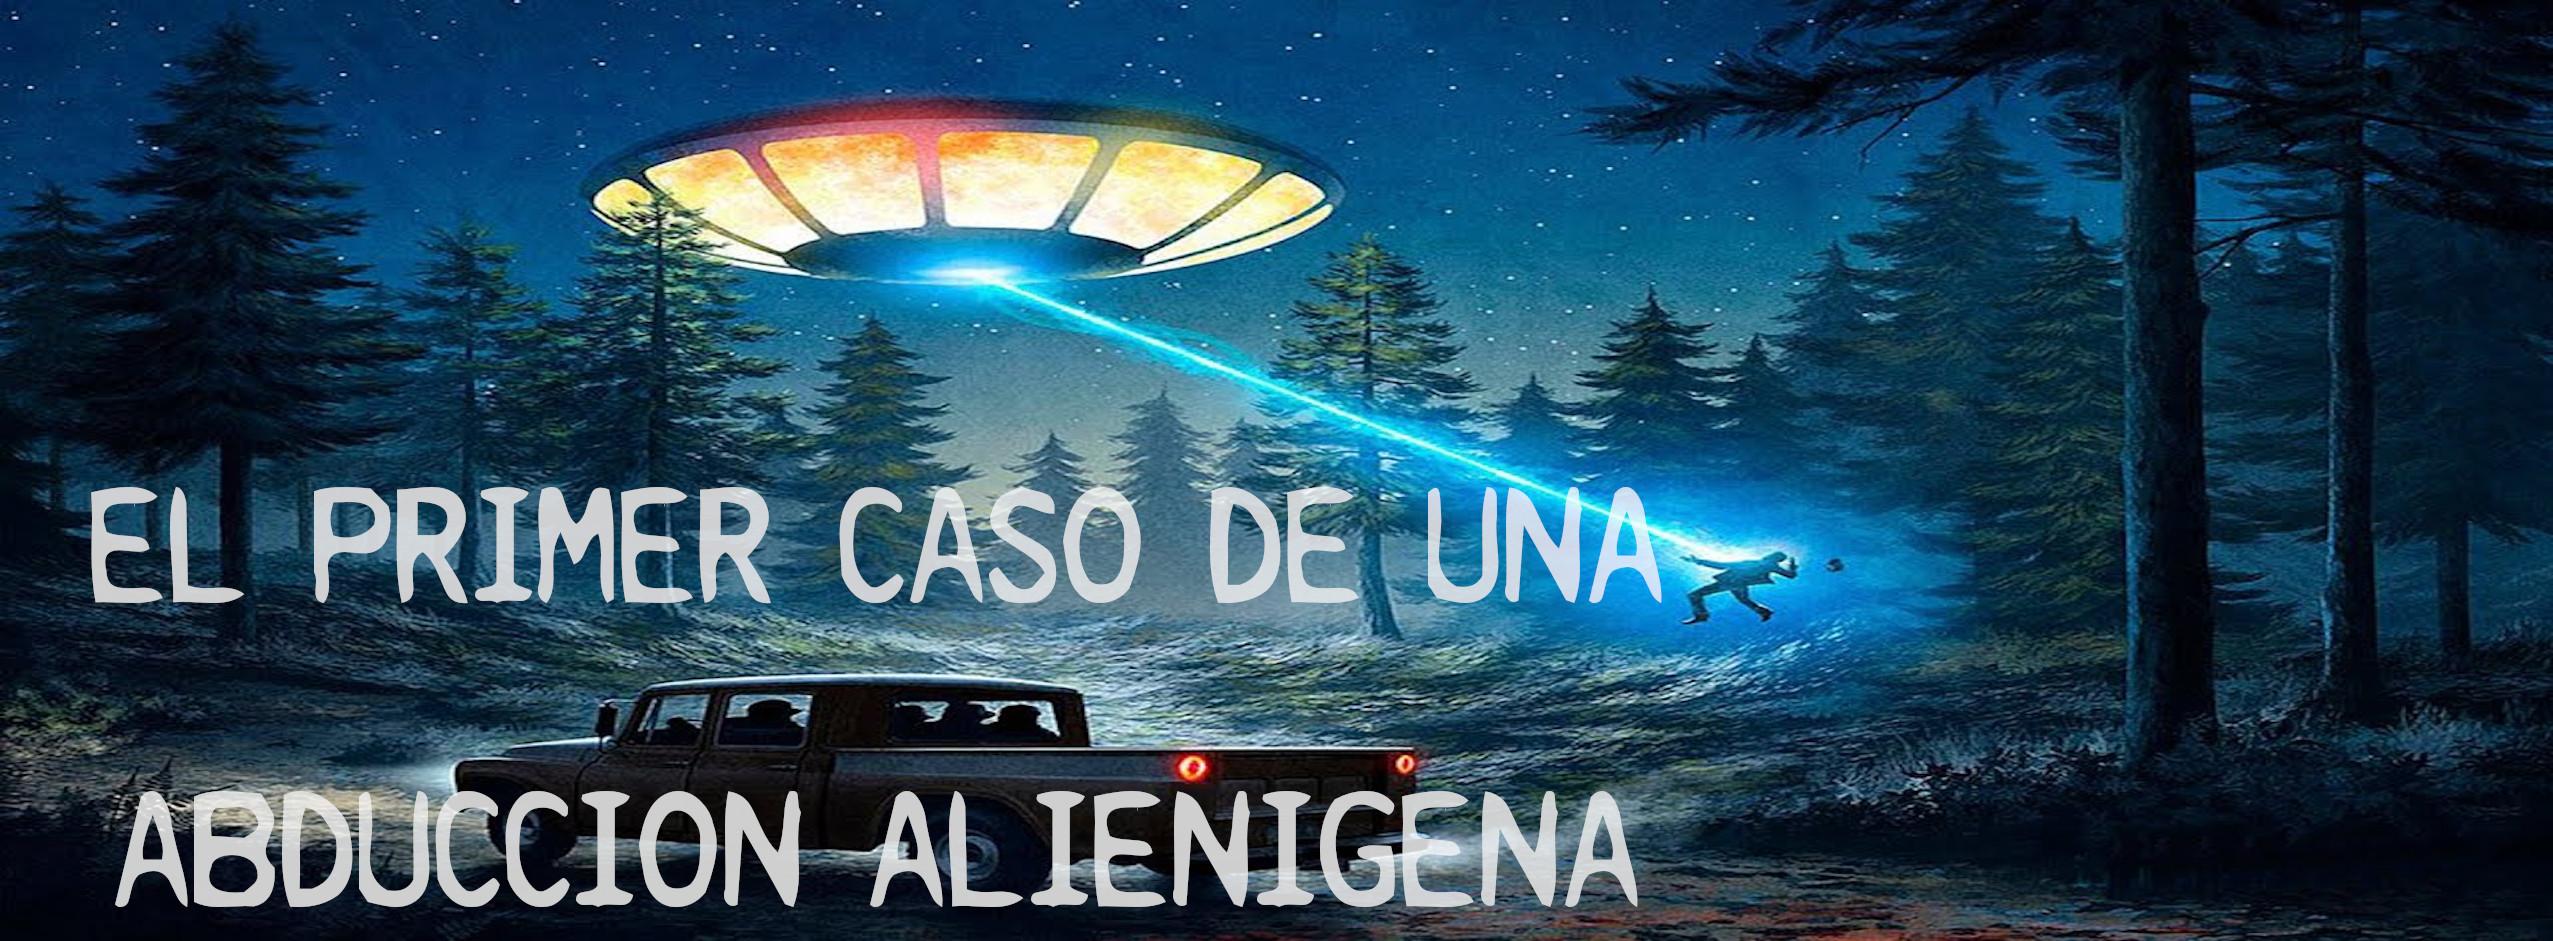 abduccion alienigena, matrimonio hill, abduccion extraterrestre